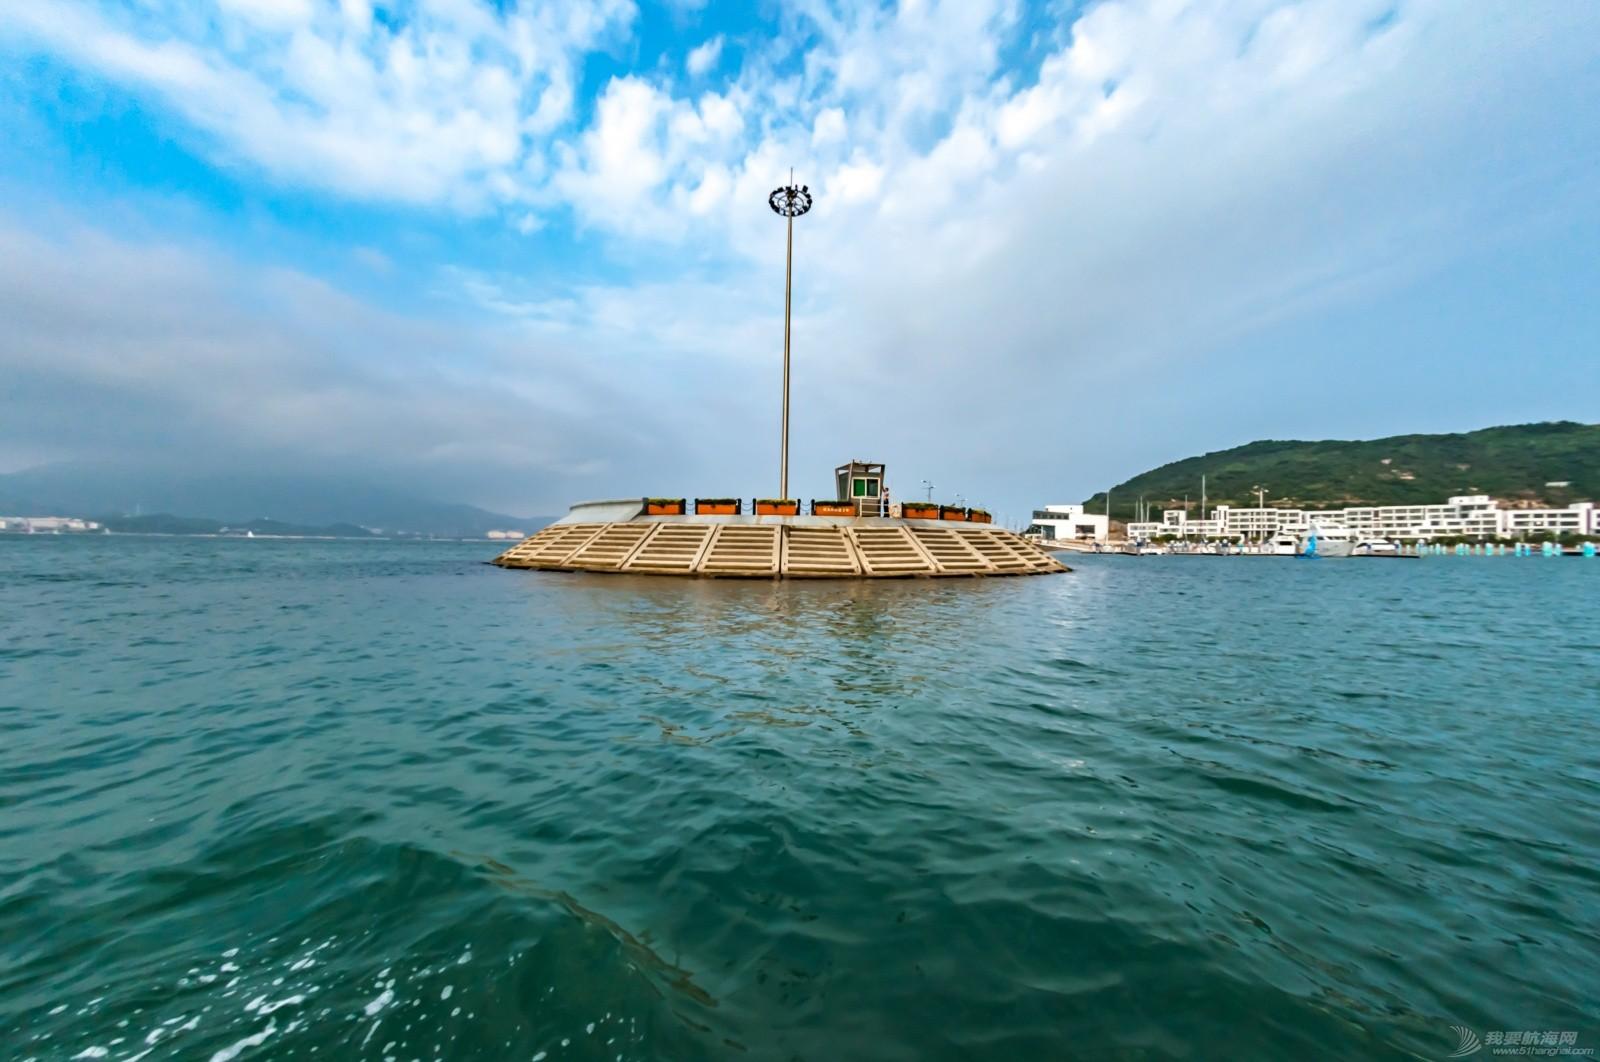 帆船 【2015大鹏杯帆船赛】鱼眼看航海 16043.jpg